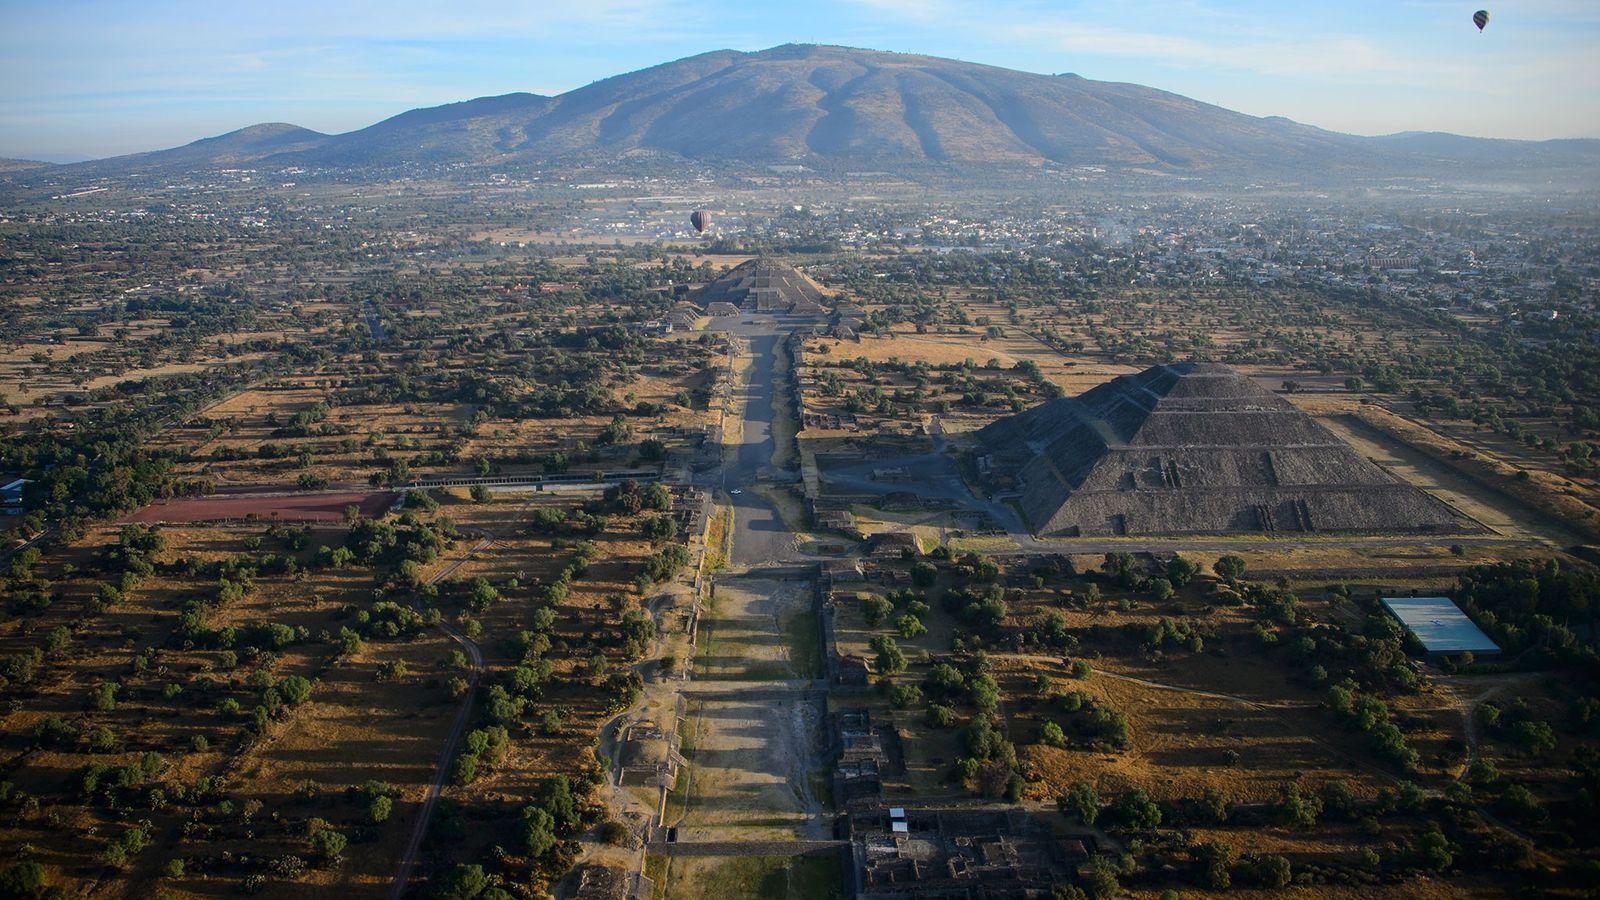 Globos aerostáticos flotan sobre Teotihuacán, una antigua ciudad mesoamericana y Patrimonio Mundial de la UNESCO, ubicado ...